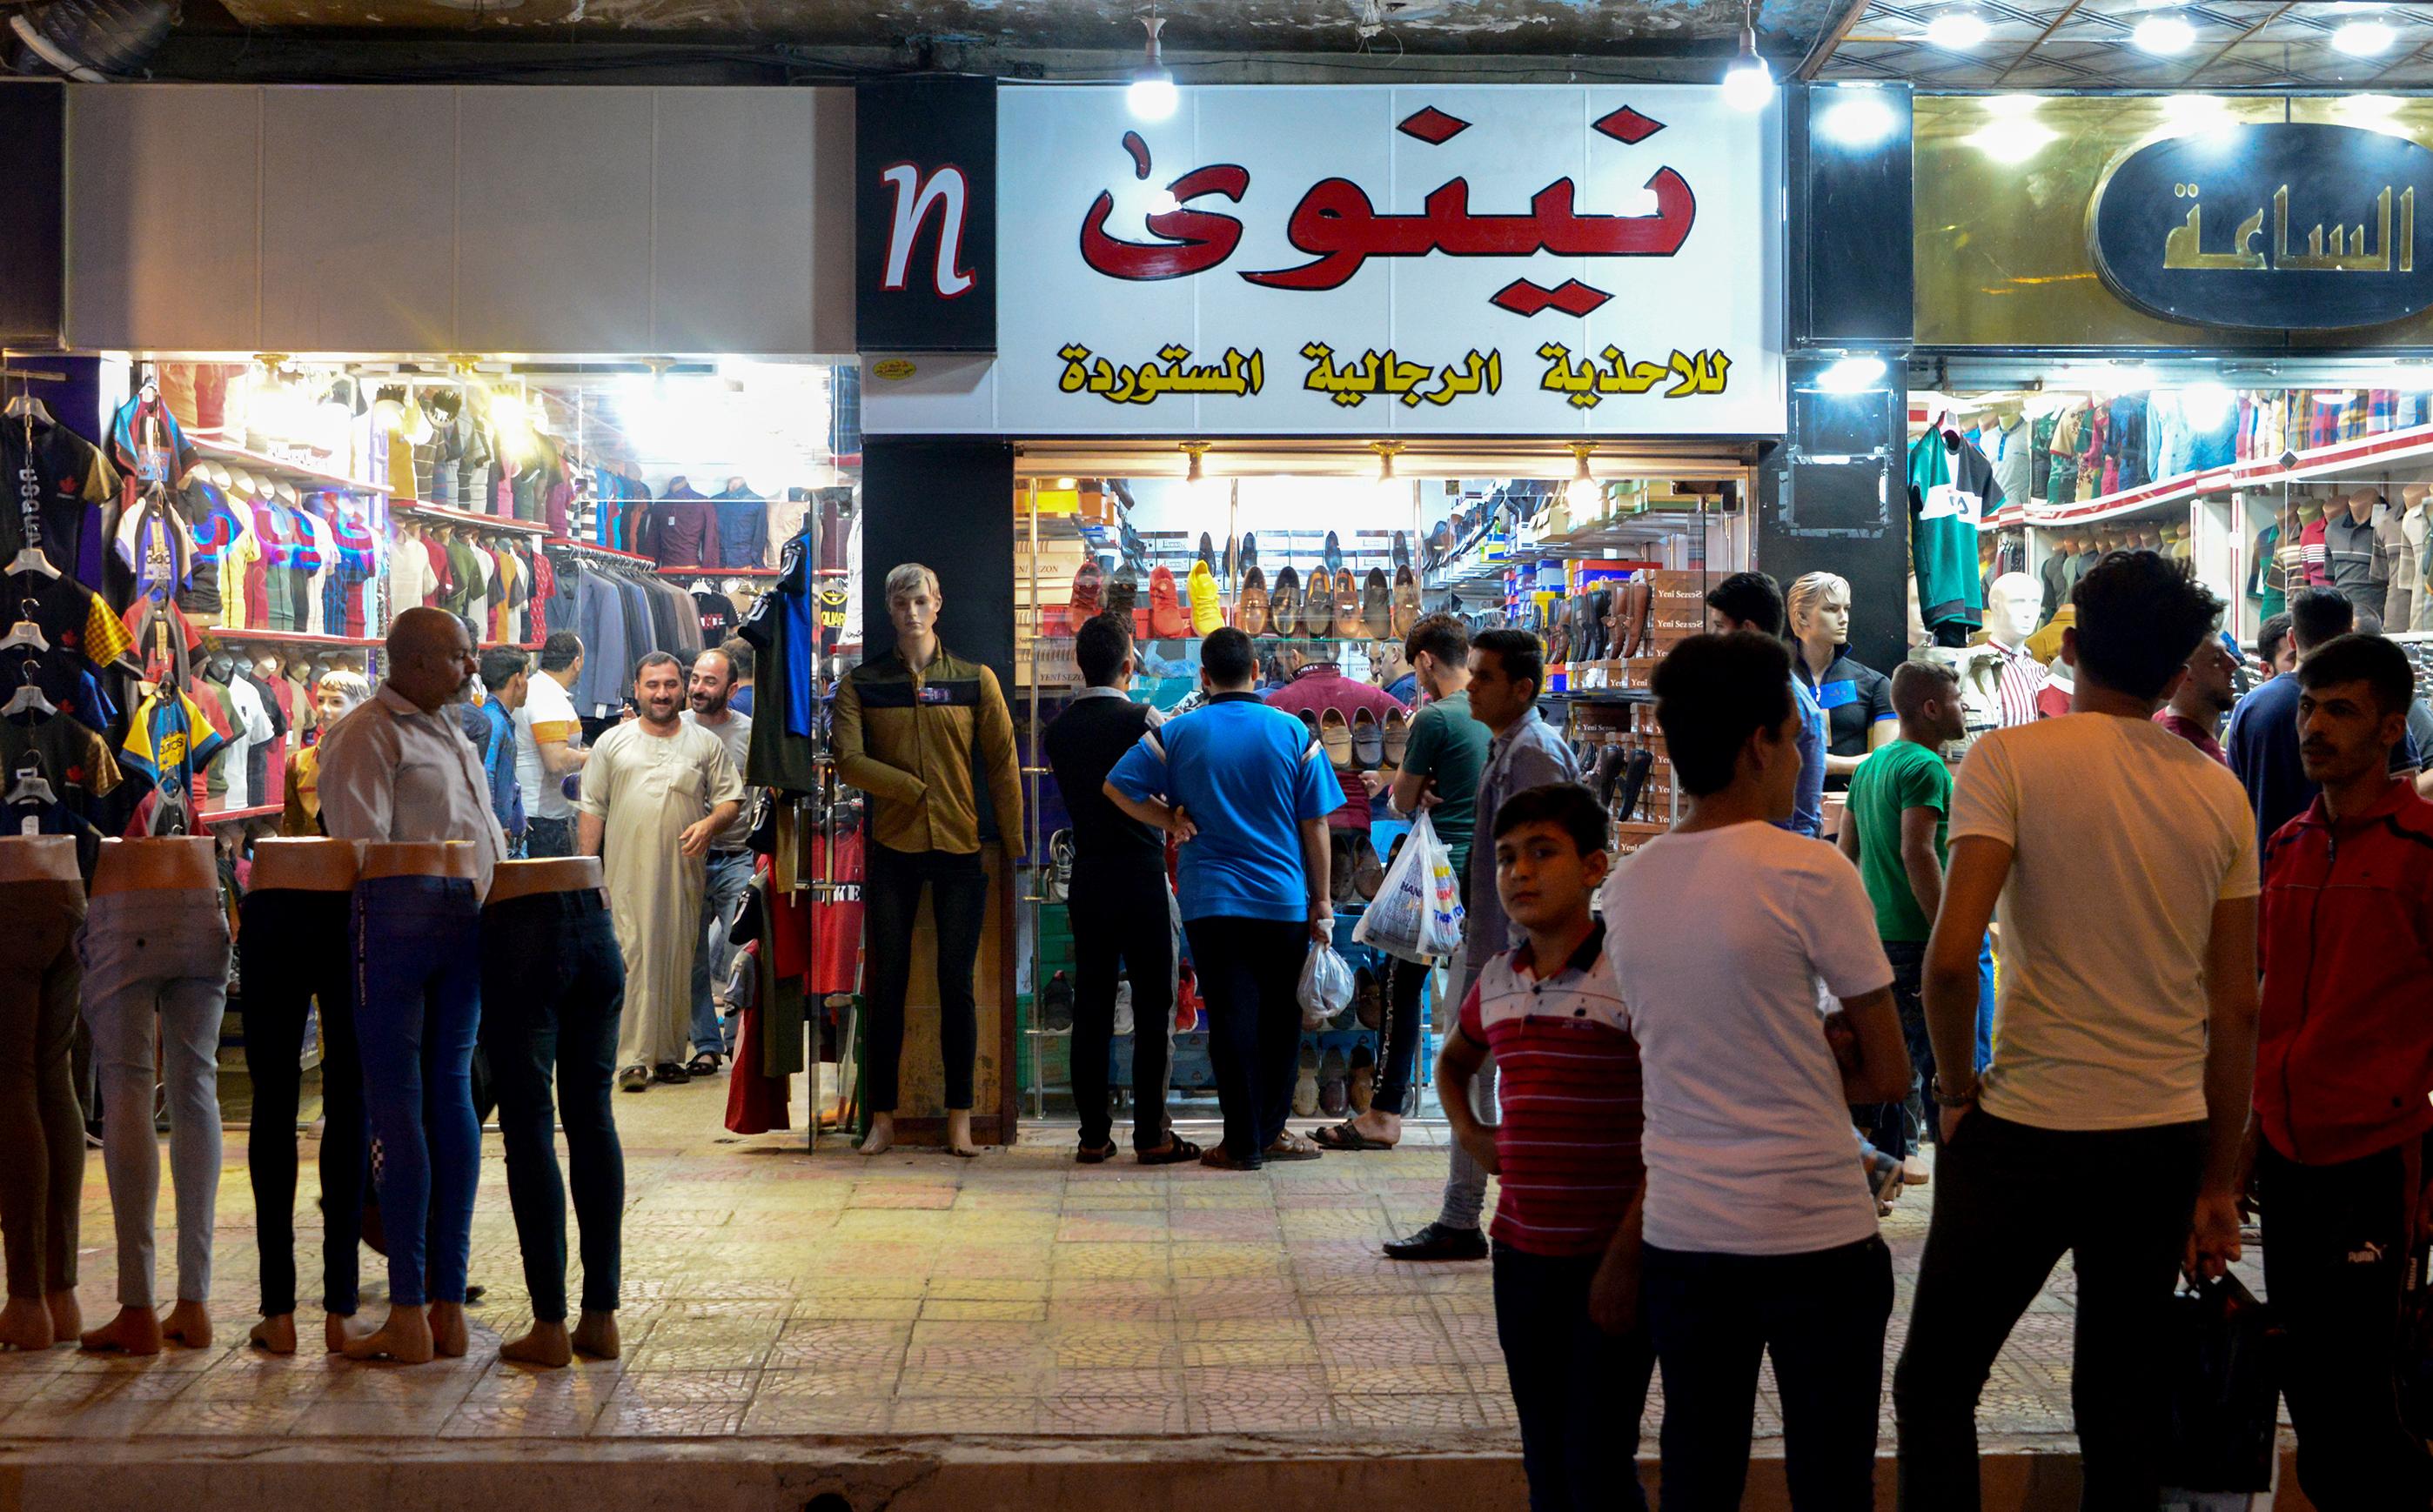 محل تجاري في أحد اسواق الموصل شمال العراق